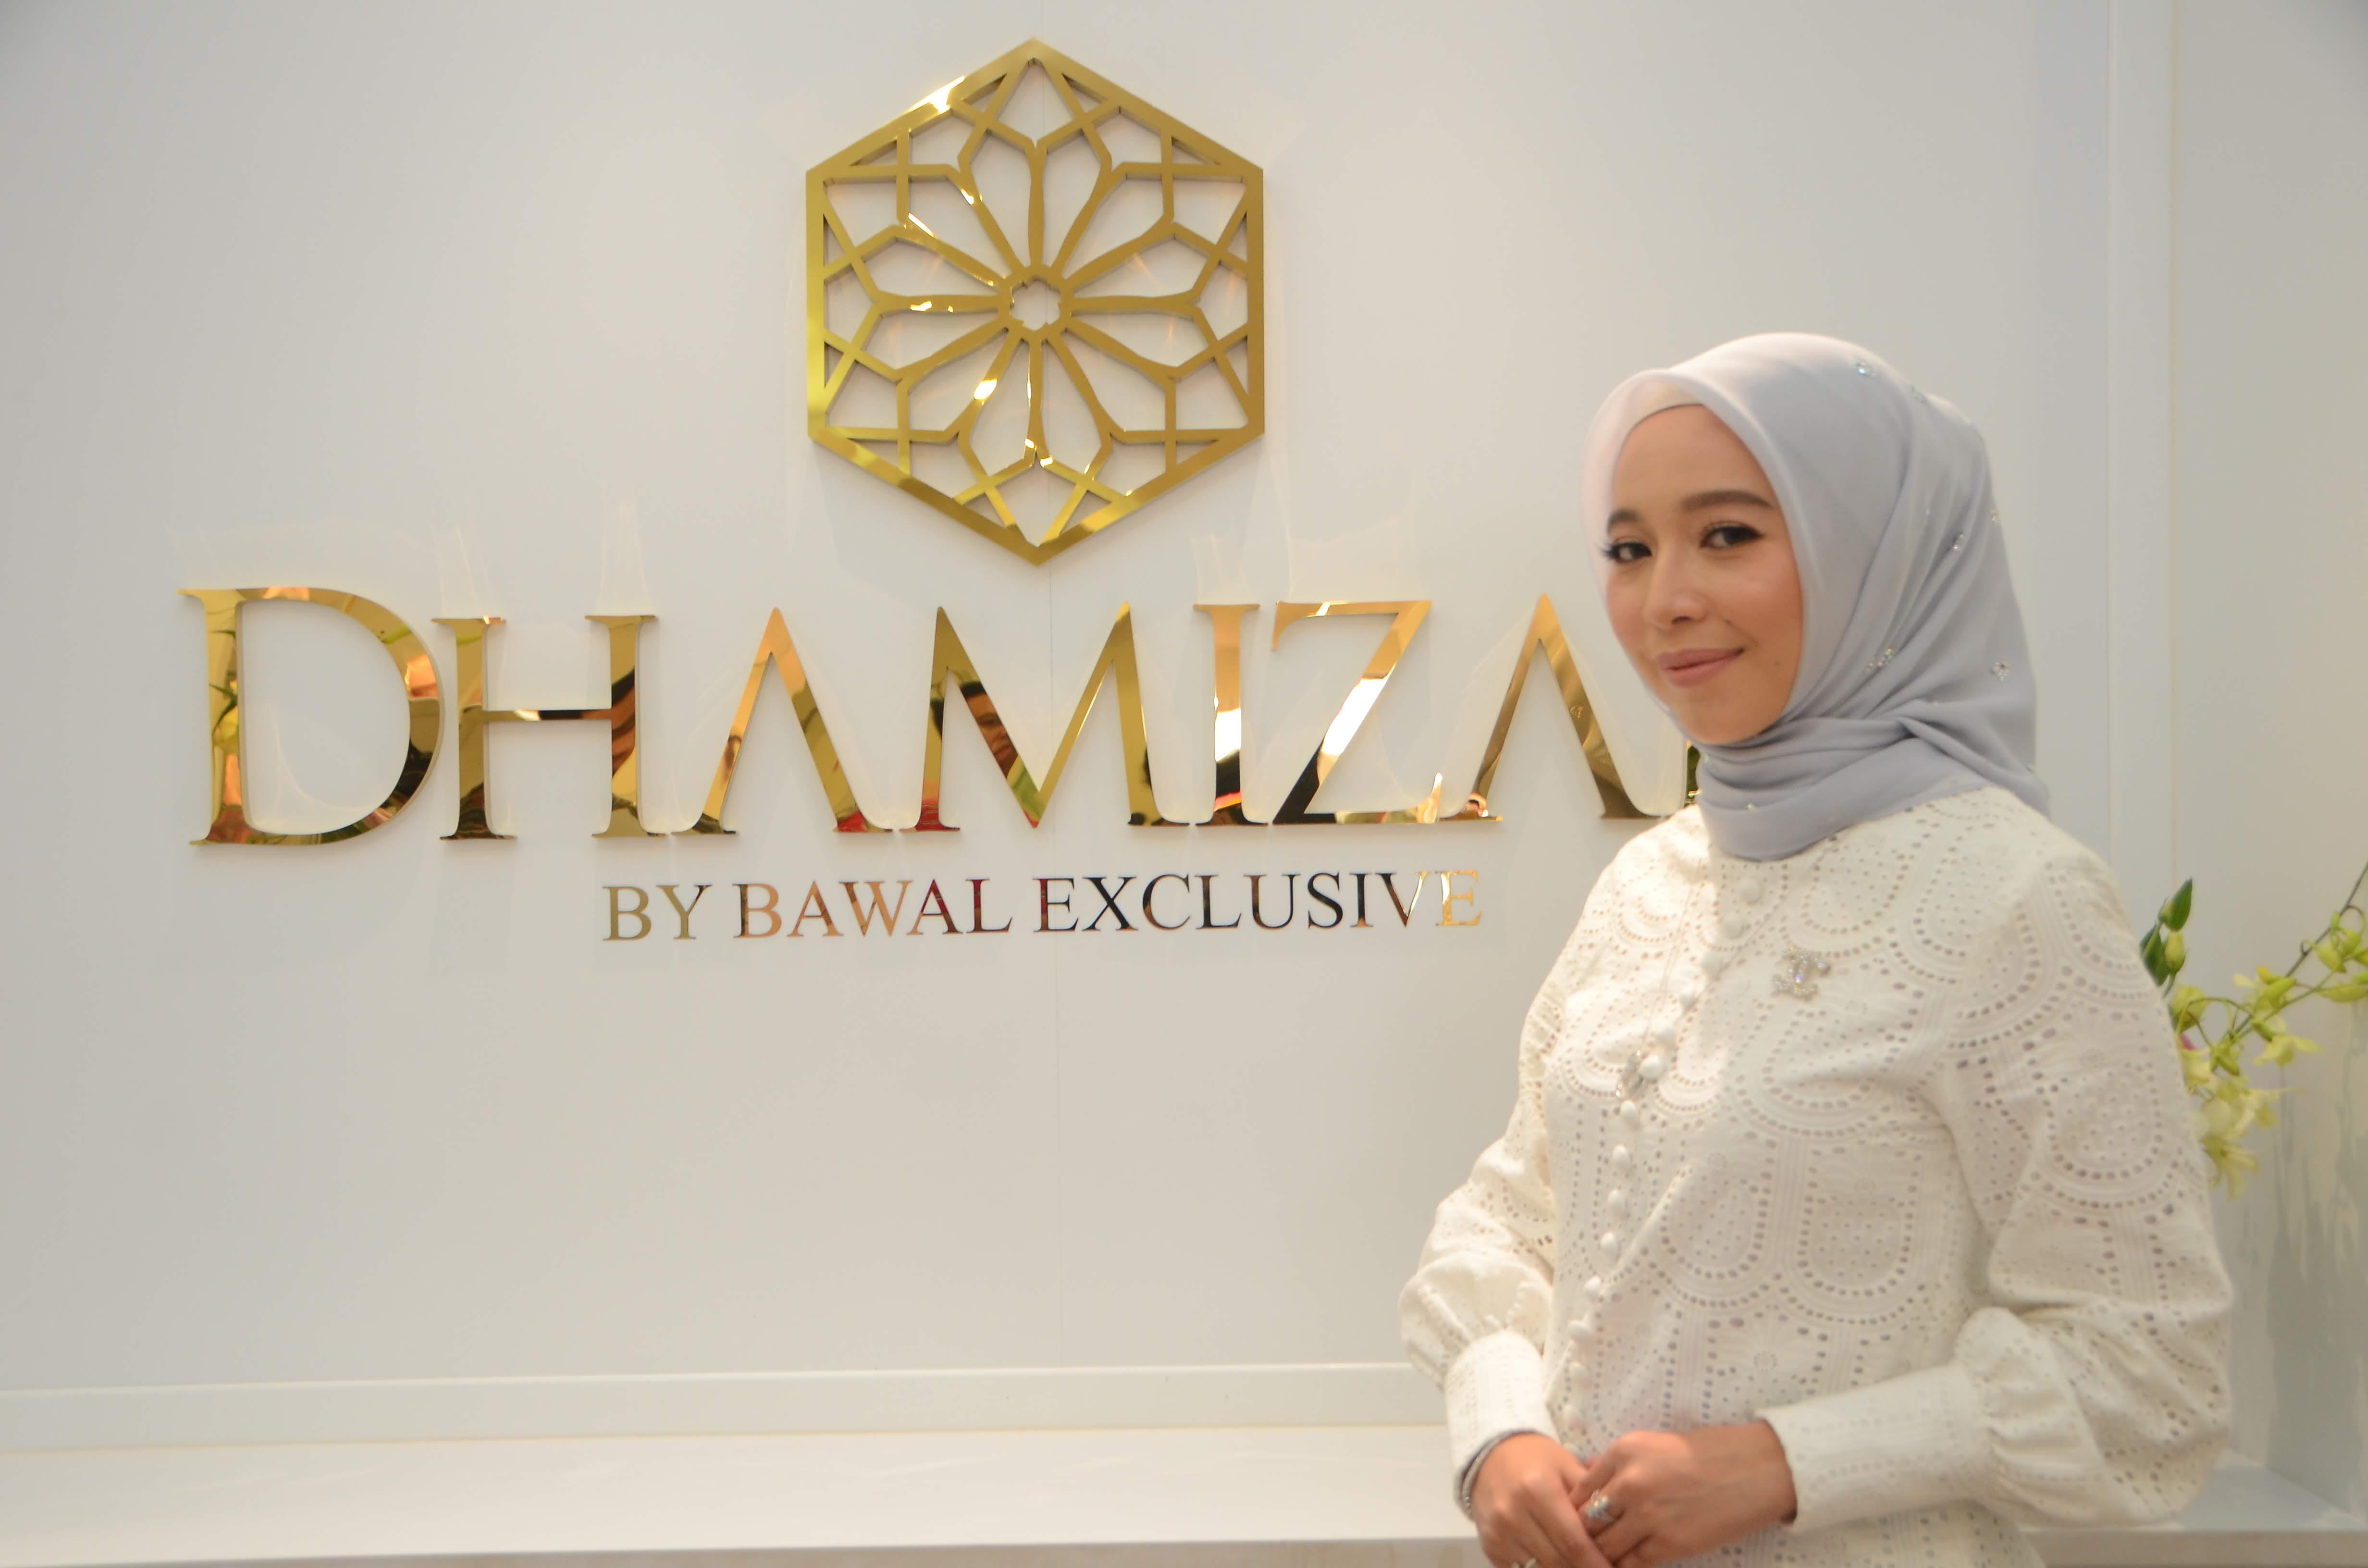 Bagi Hamizah, memiliki dan menjual tudung jenis bawal yang termahal di daerah Batu Pahat dan Johor Bahru, Johor, adalah satu apresiasi baginya.